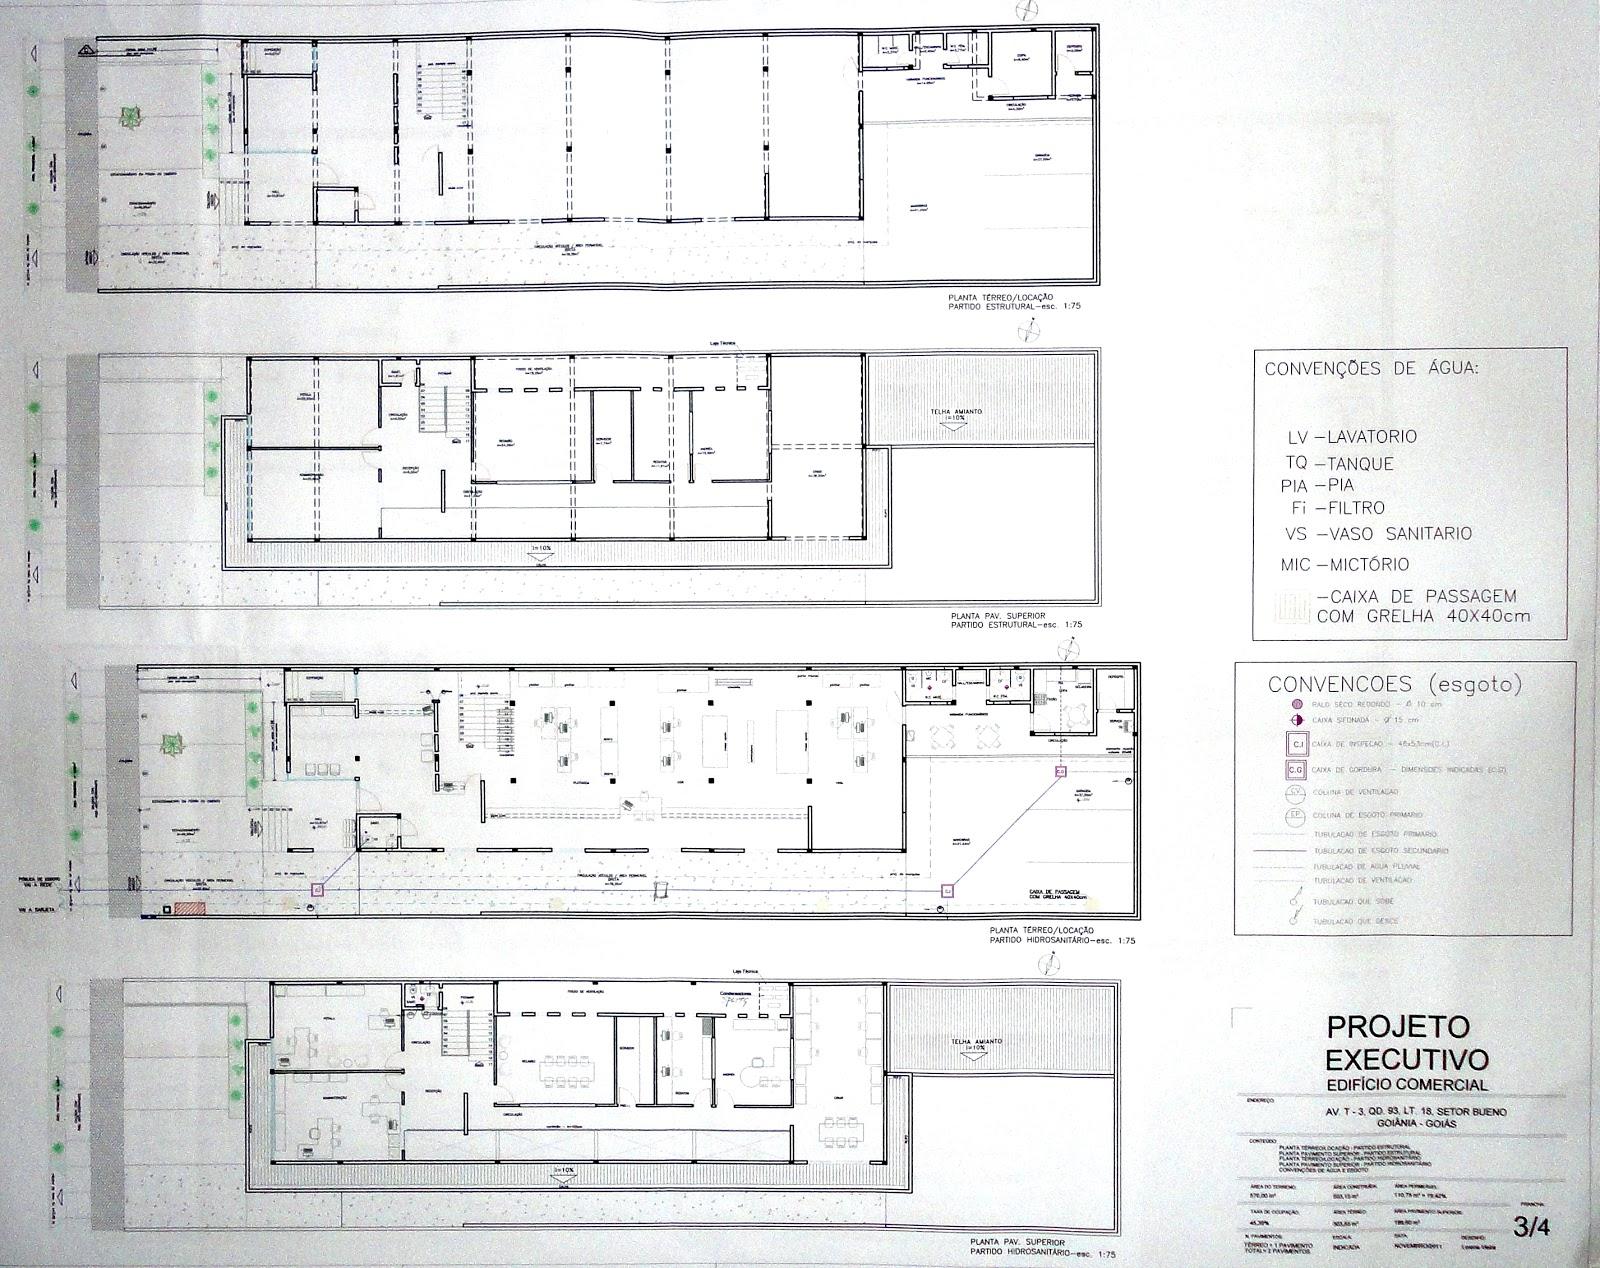 Urbanismo: Projeto Executivo de uma Arquitetura Comercial #5A715F 1600 1268